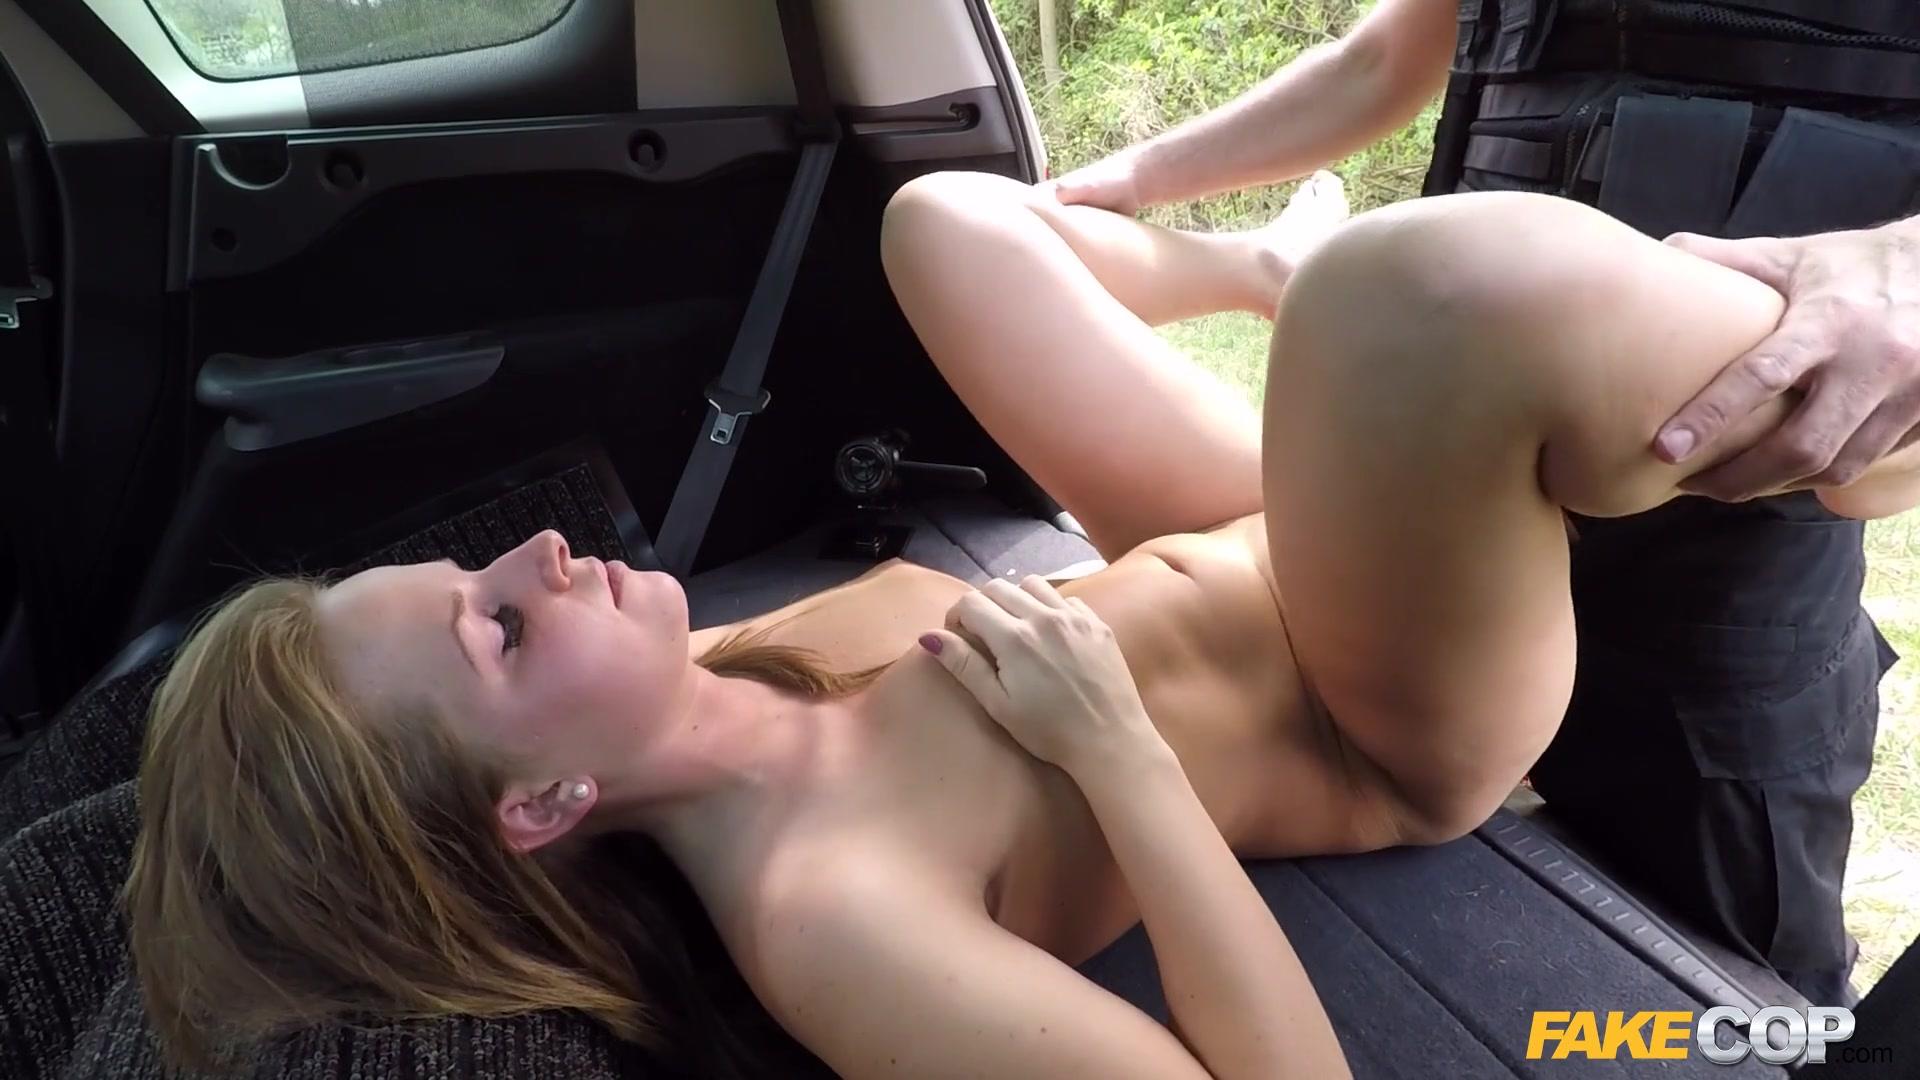 Нарушительница раздвинула ноги и дала полицейскому